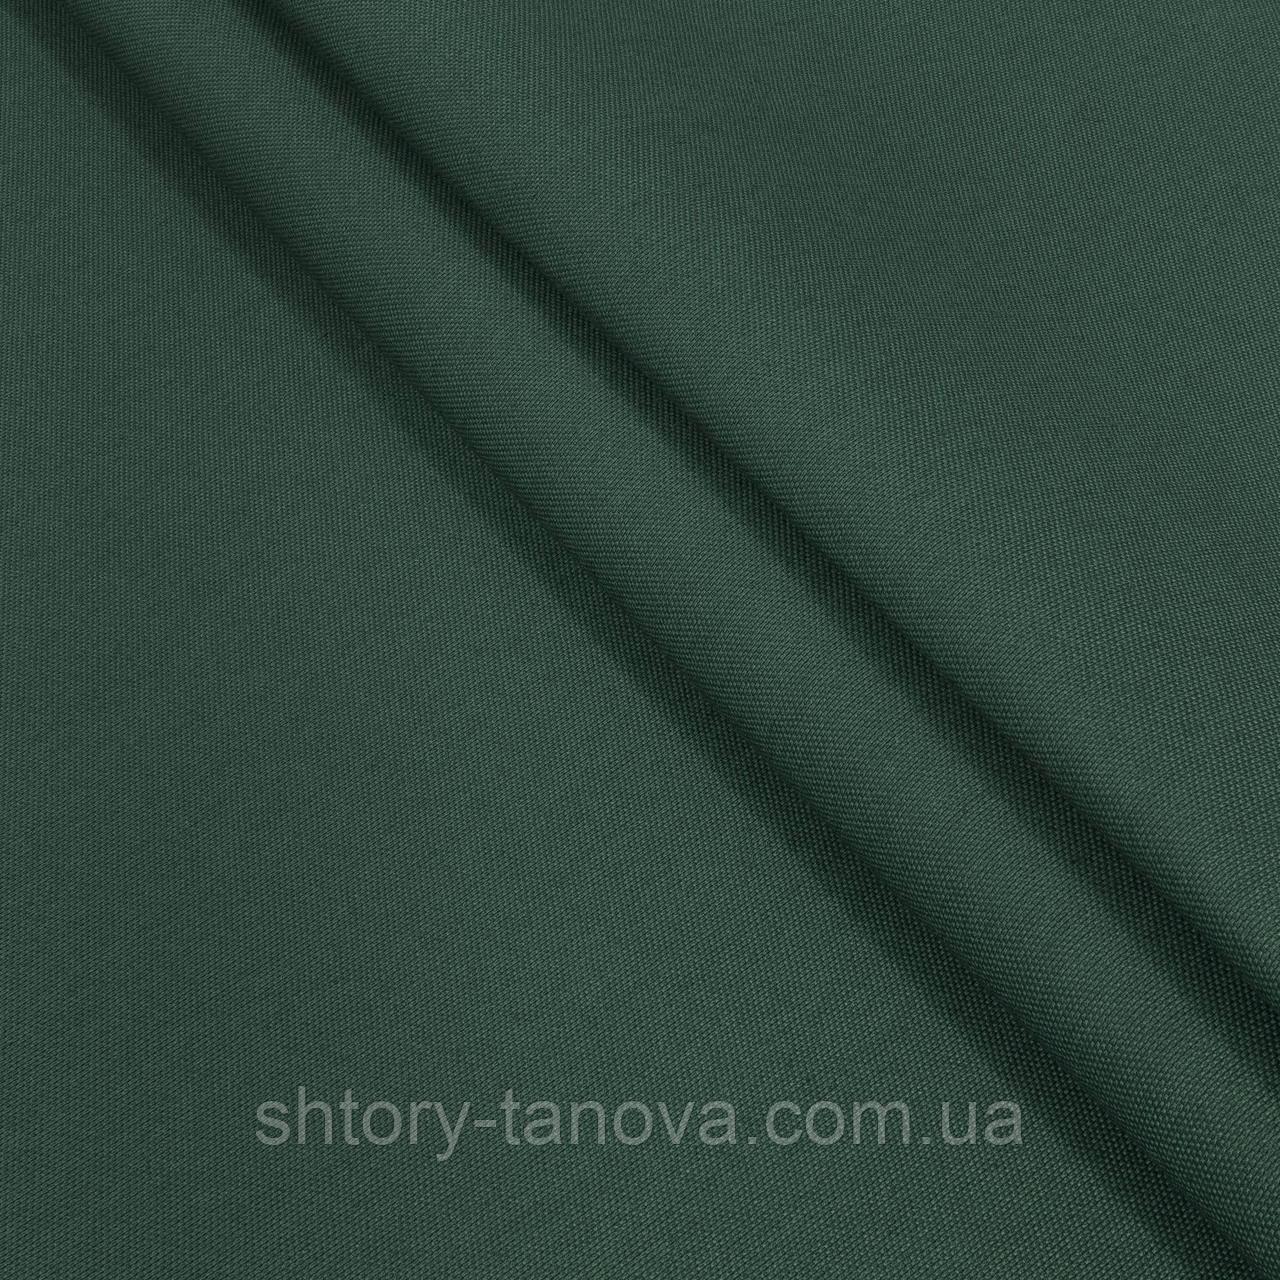 Испания натуральная ткань для штор с тефлоновым покрытием тёмно-зелёный